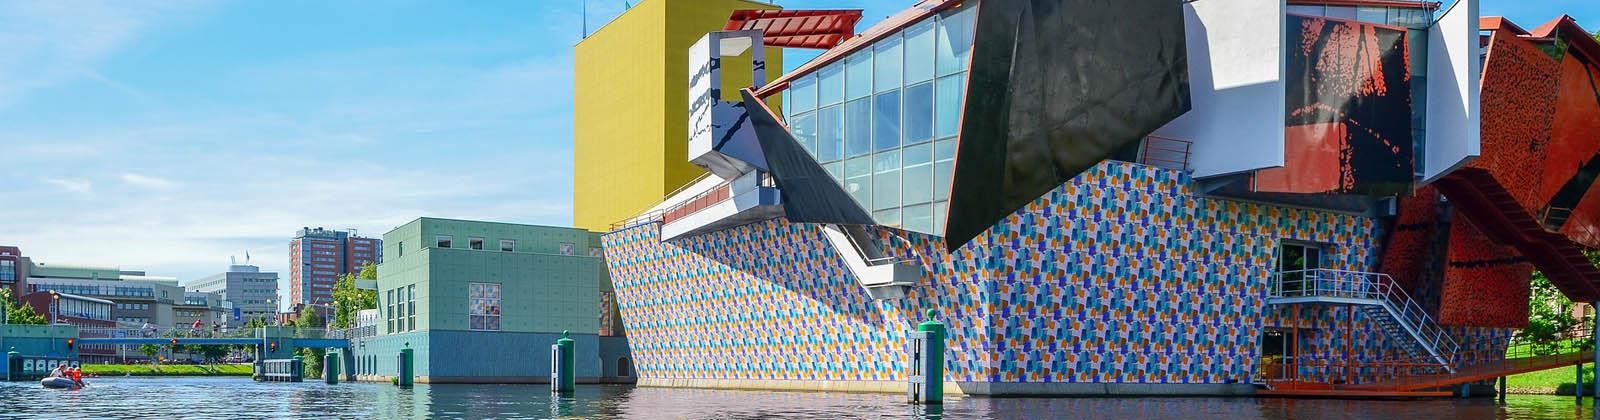 DMC-Groningen-travel-agency